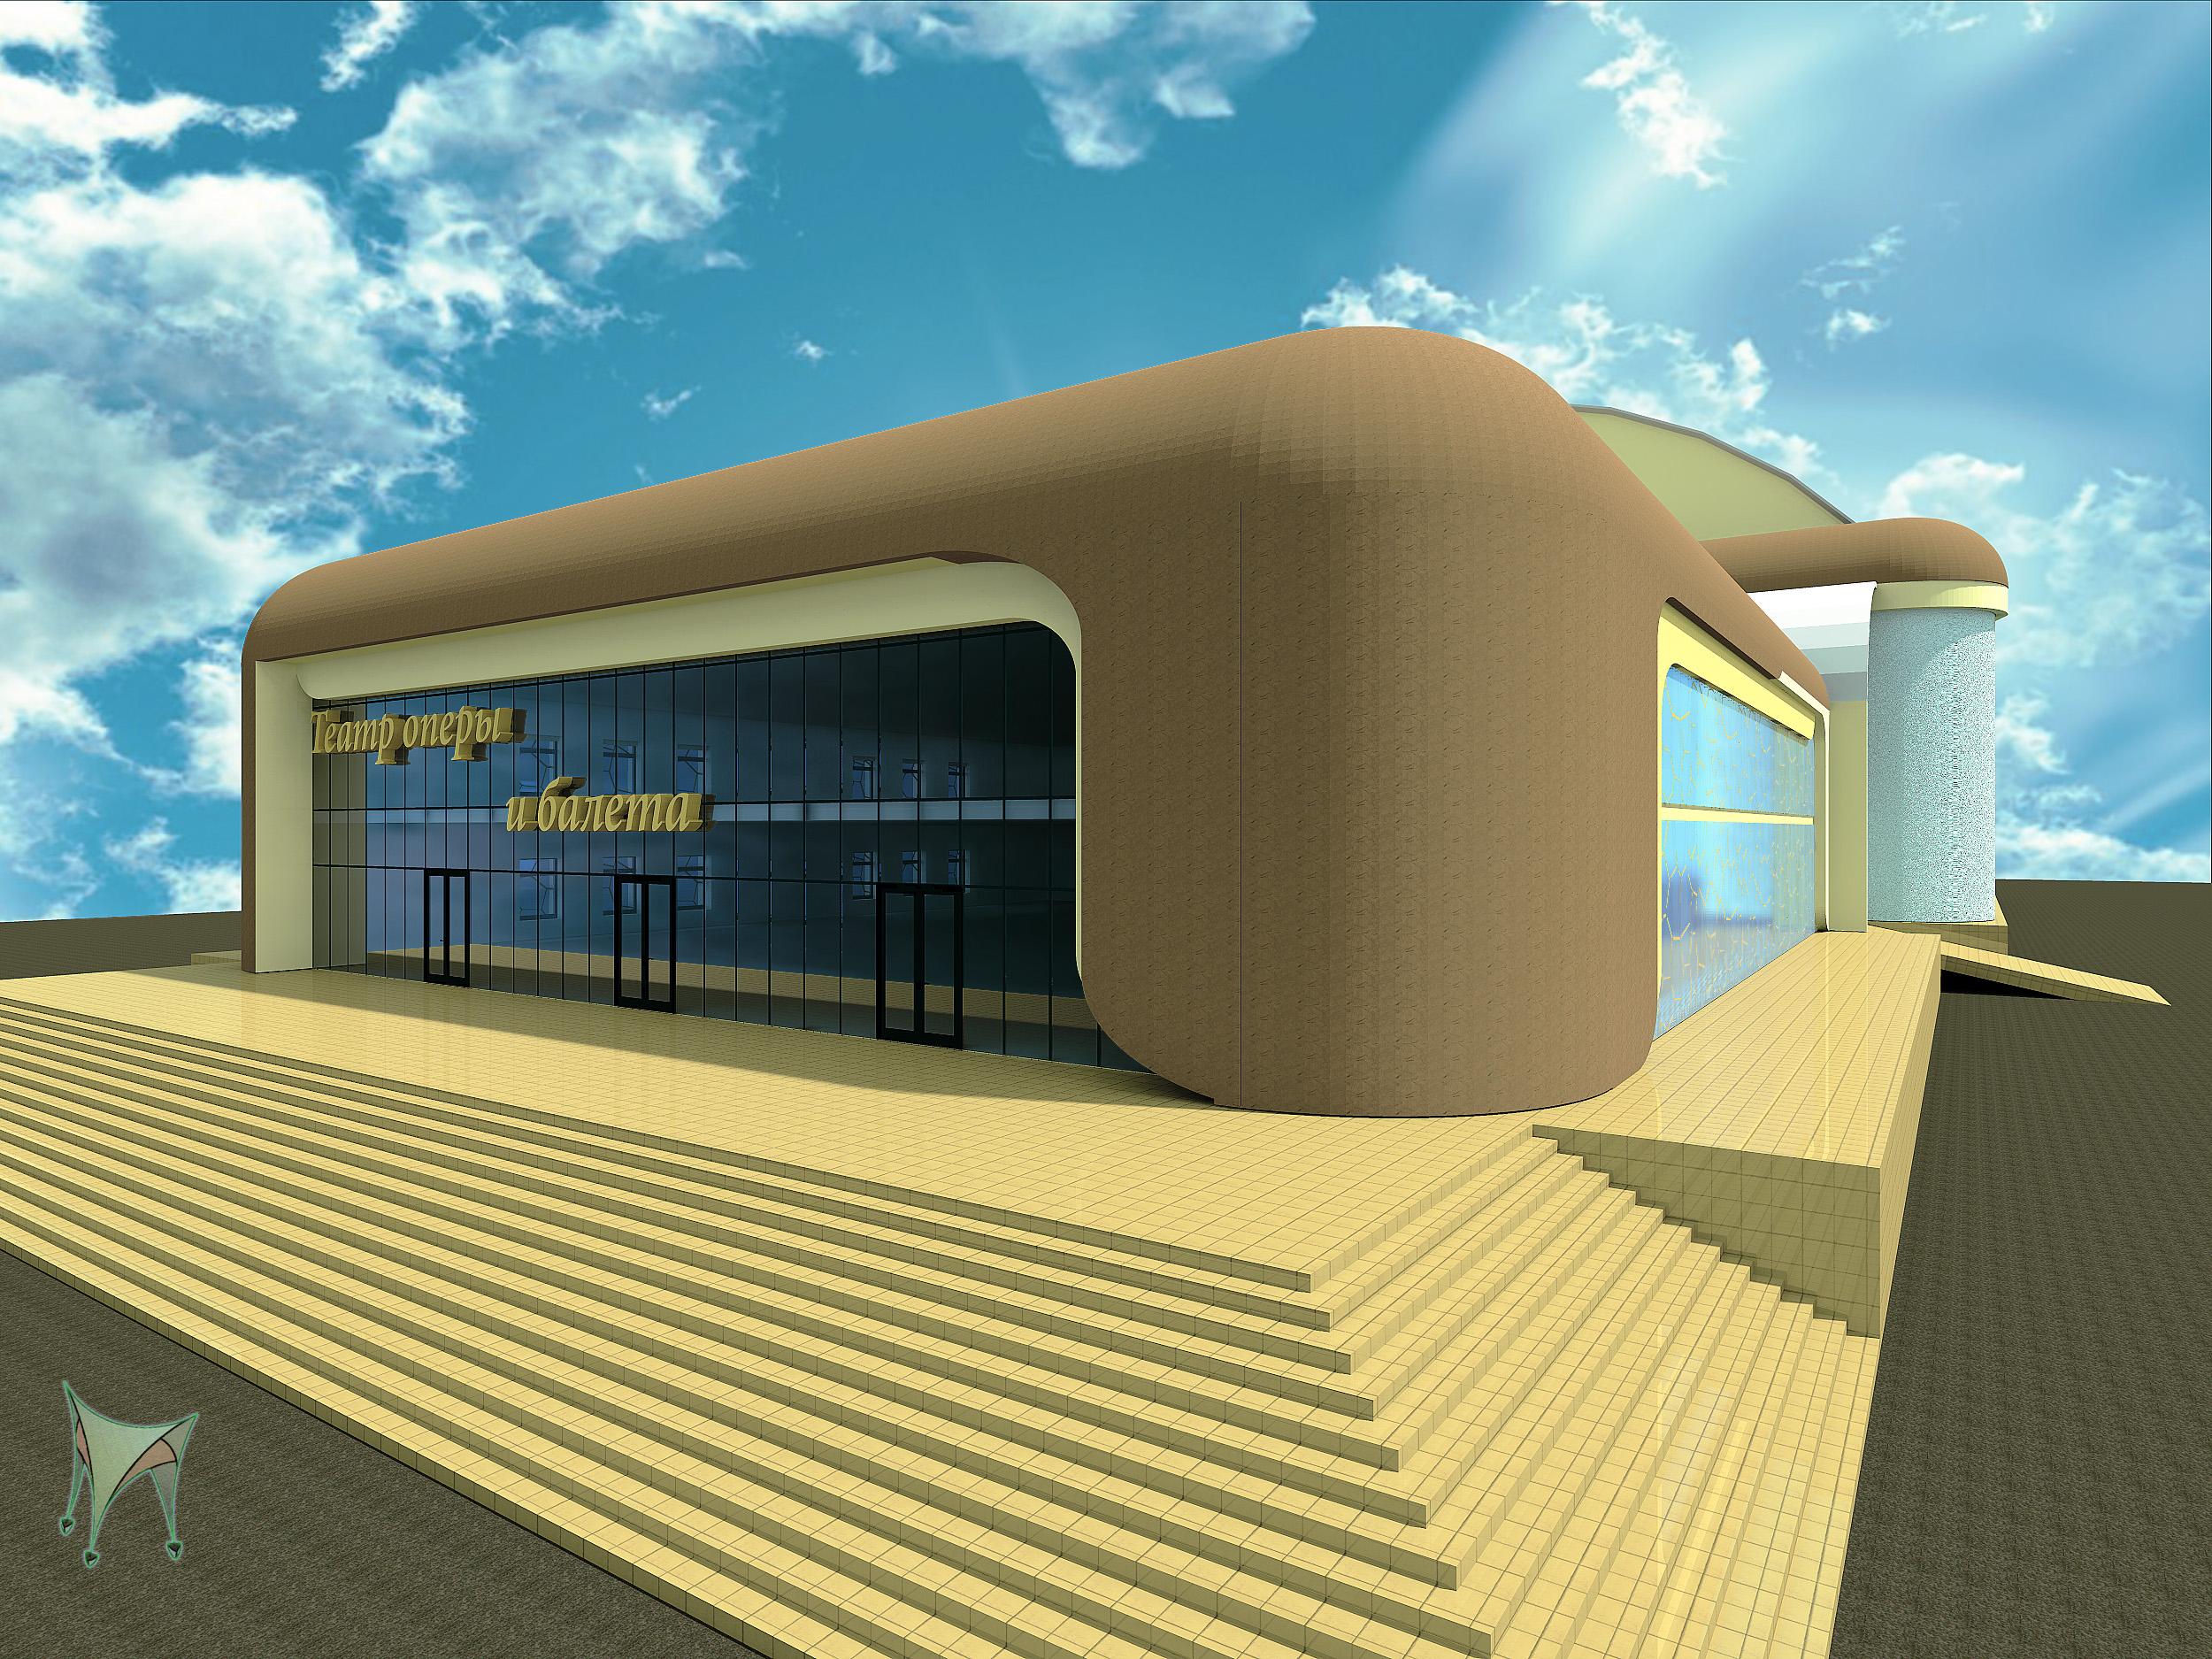 Разработка архитектурной концепции театра оперы и балета фото f_02852f4b81b8bbea.jpg